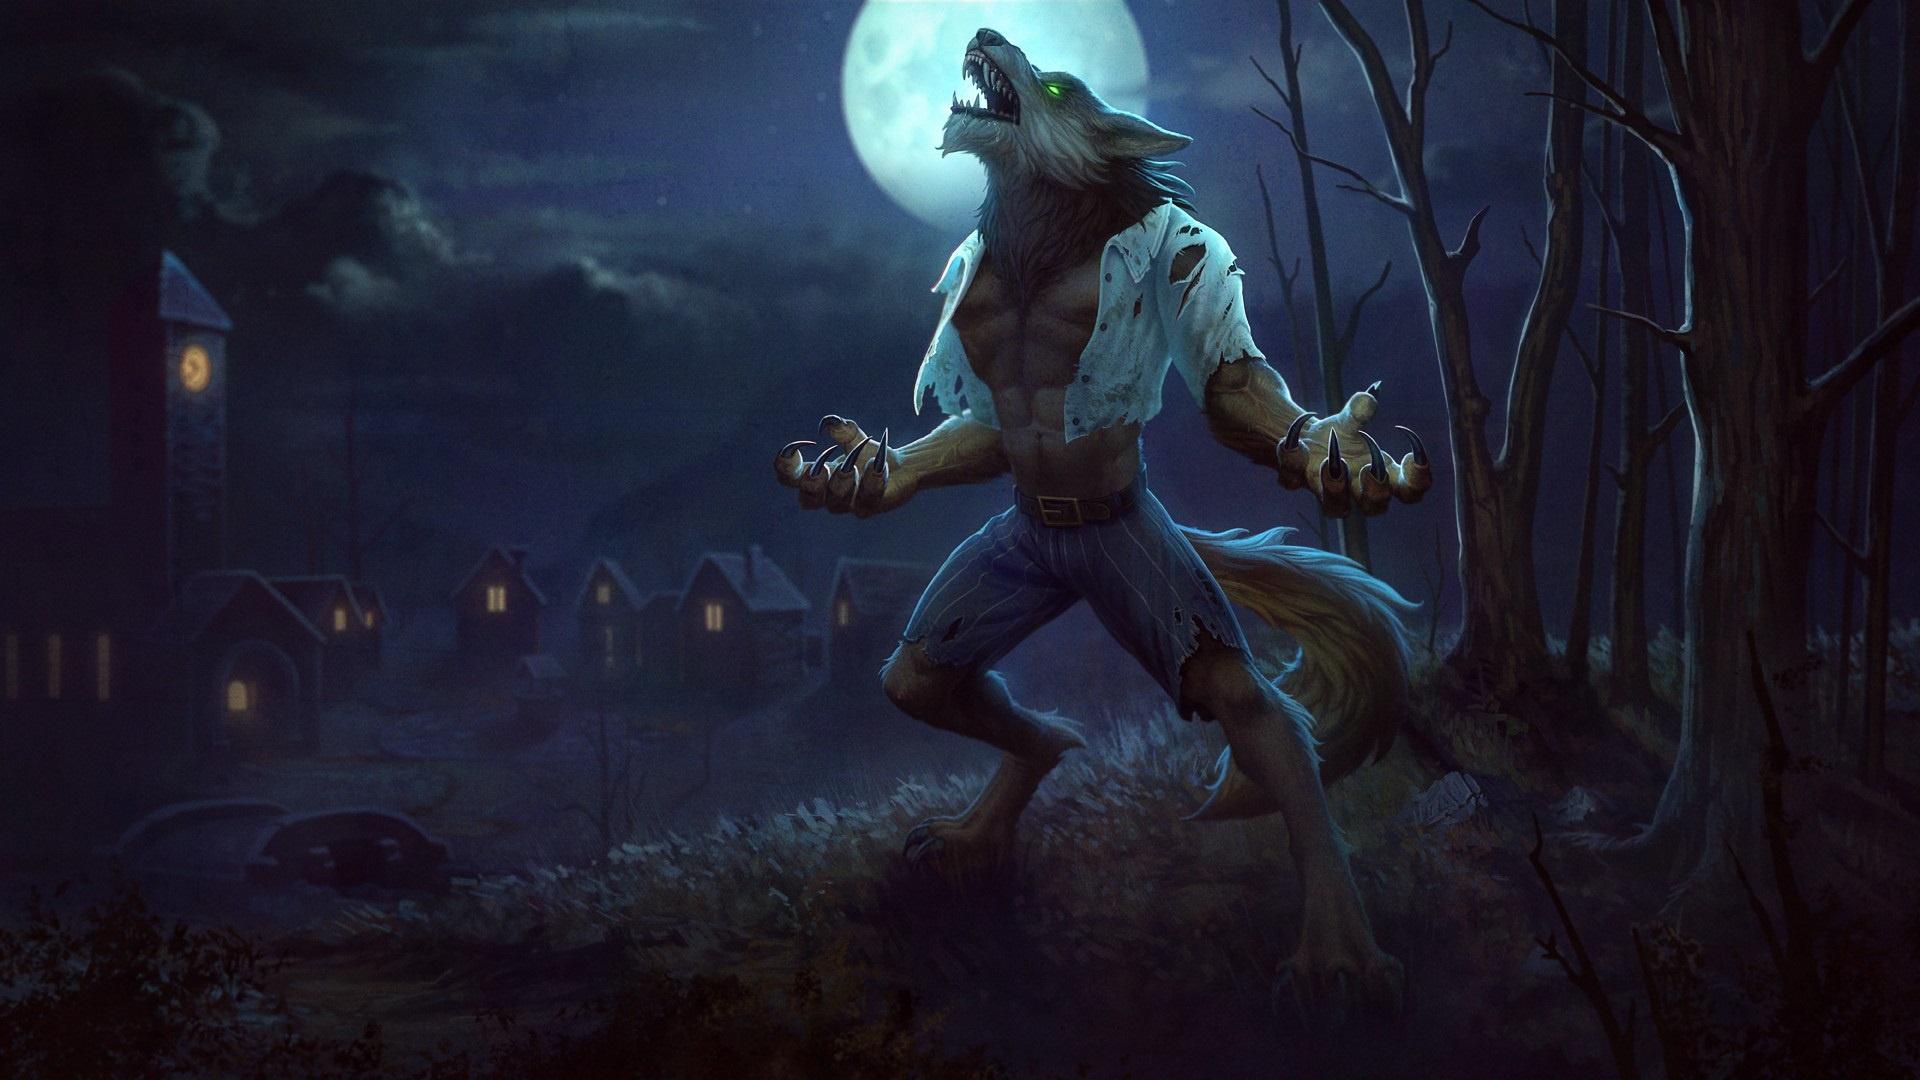 Werewolf computer background